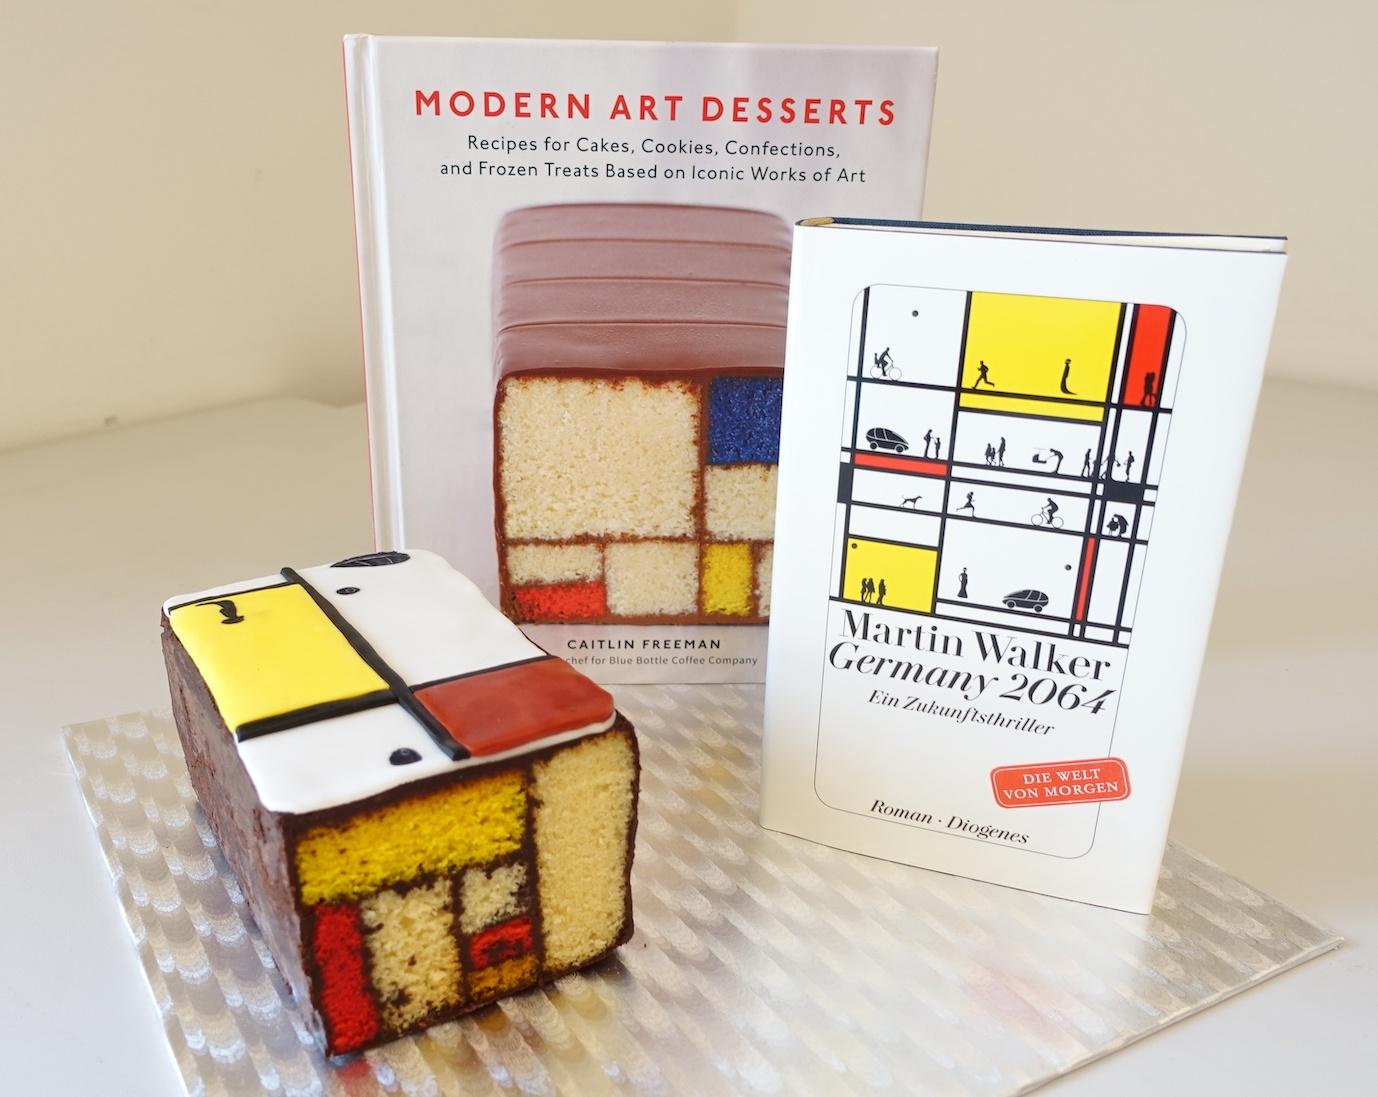 ... Of Modern Art SFMOMA, Setzt Auf Geniale Weise Berühmte Stücke Der  Modernen Kunst In Zauberhafte Dessert Kreationen Um U2013 Ihr U201eSignature  Dessertu201c Ist Der ...